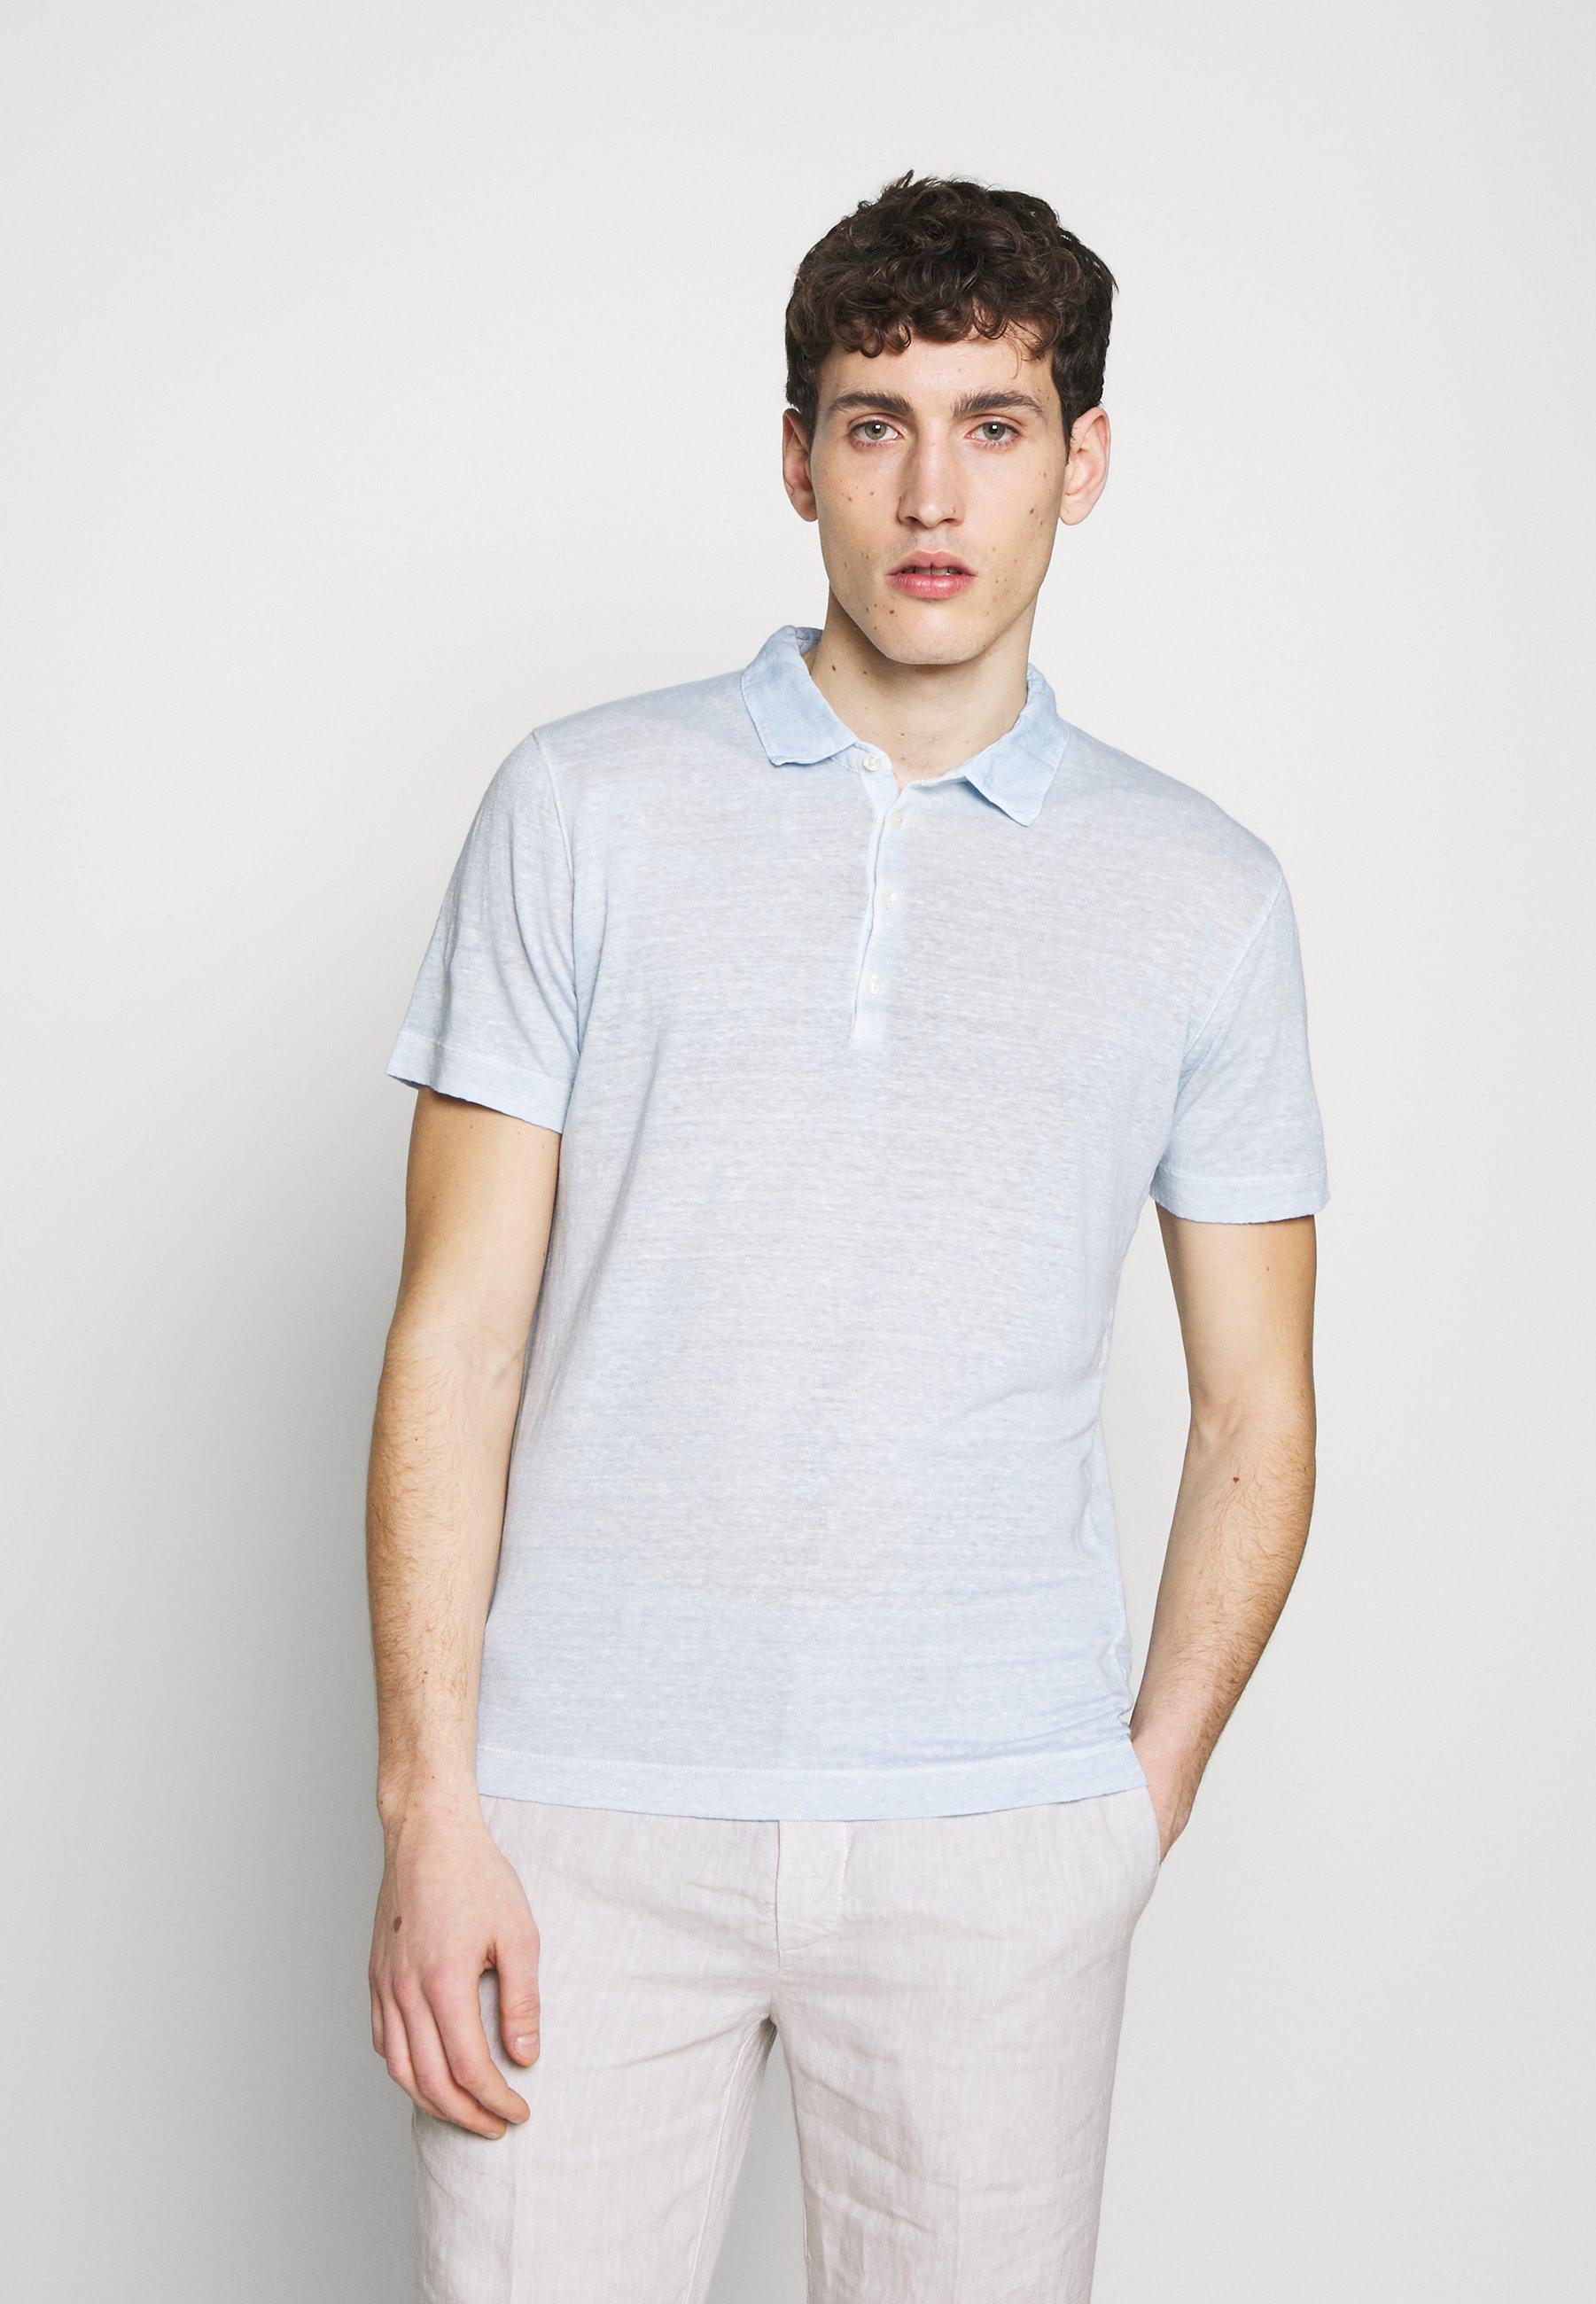 Zakup Gorąca wyprzedaż 120% Lino Koszulka polo - pacific blue soft fade | Odzież męska 2020 3yvxC